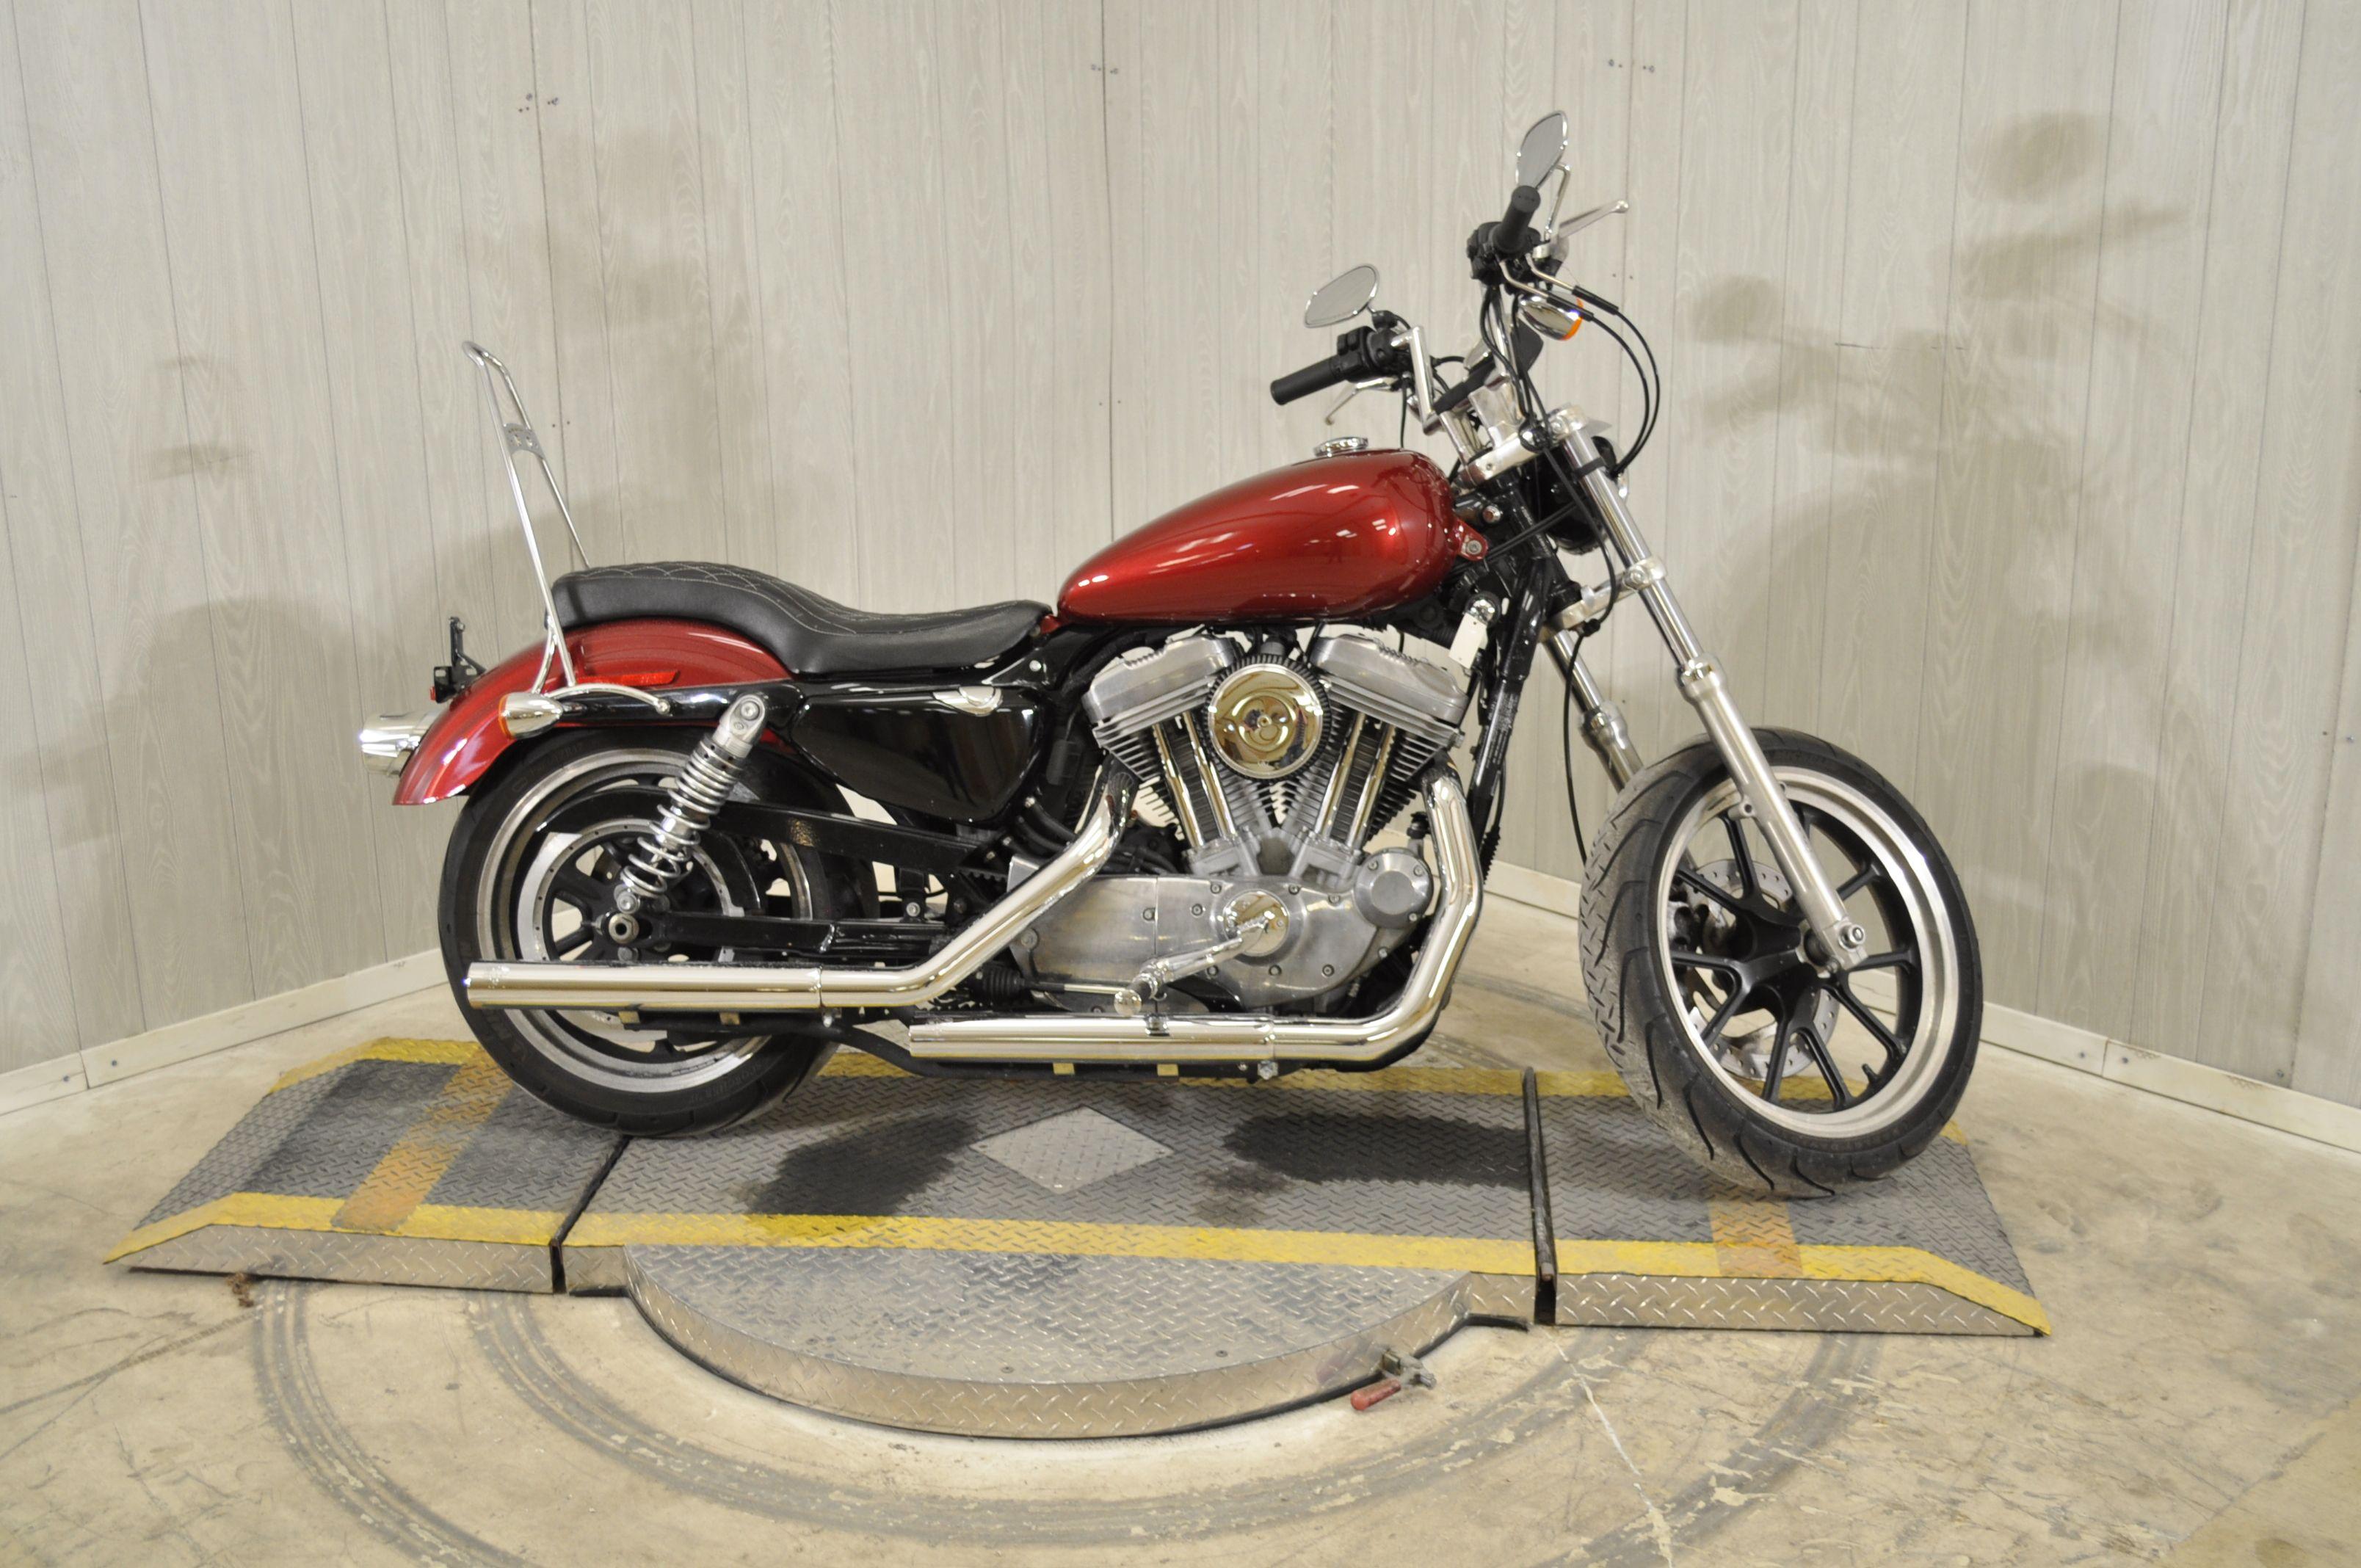 Pre Owned Bikes Mobile Bay Harley Davidson